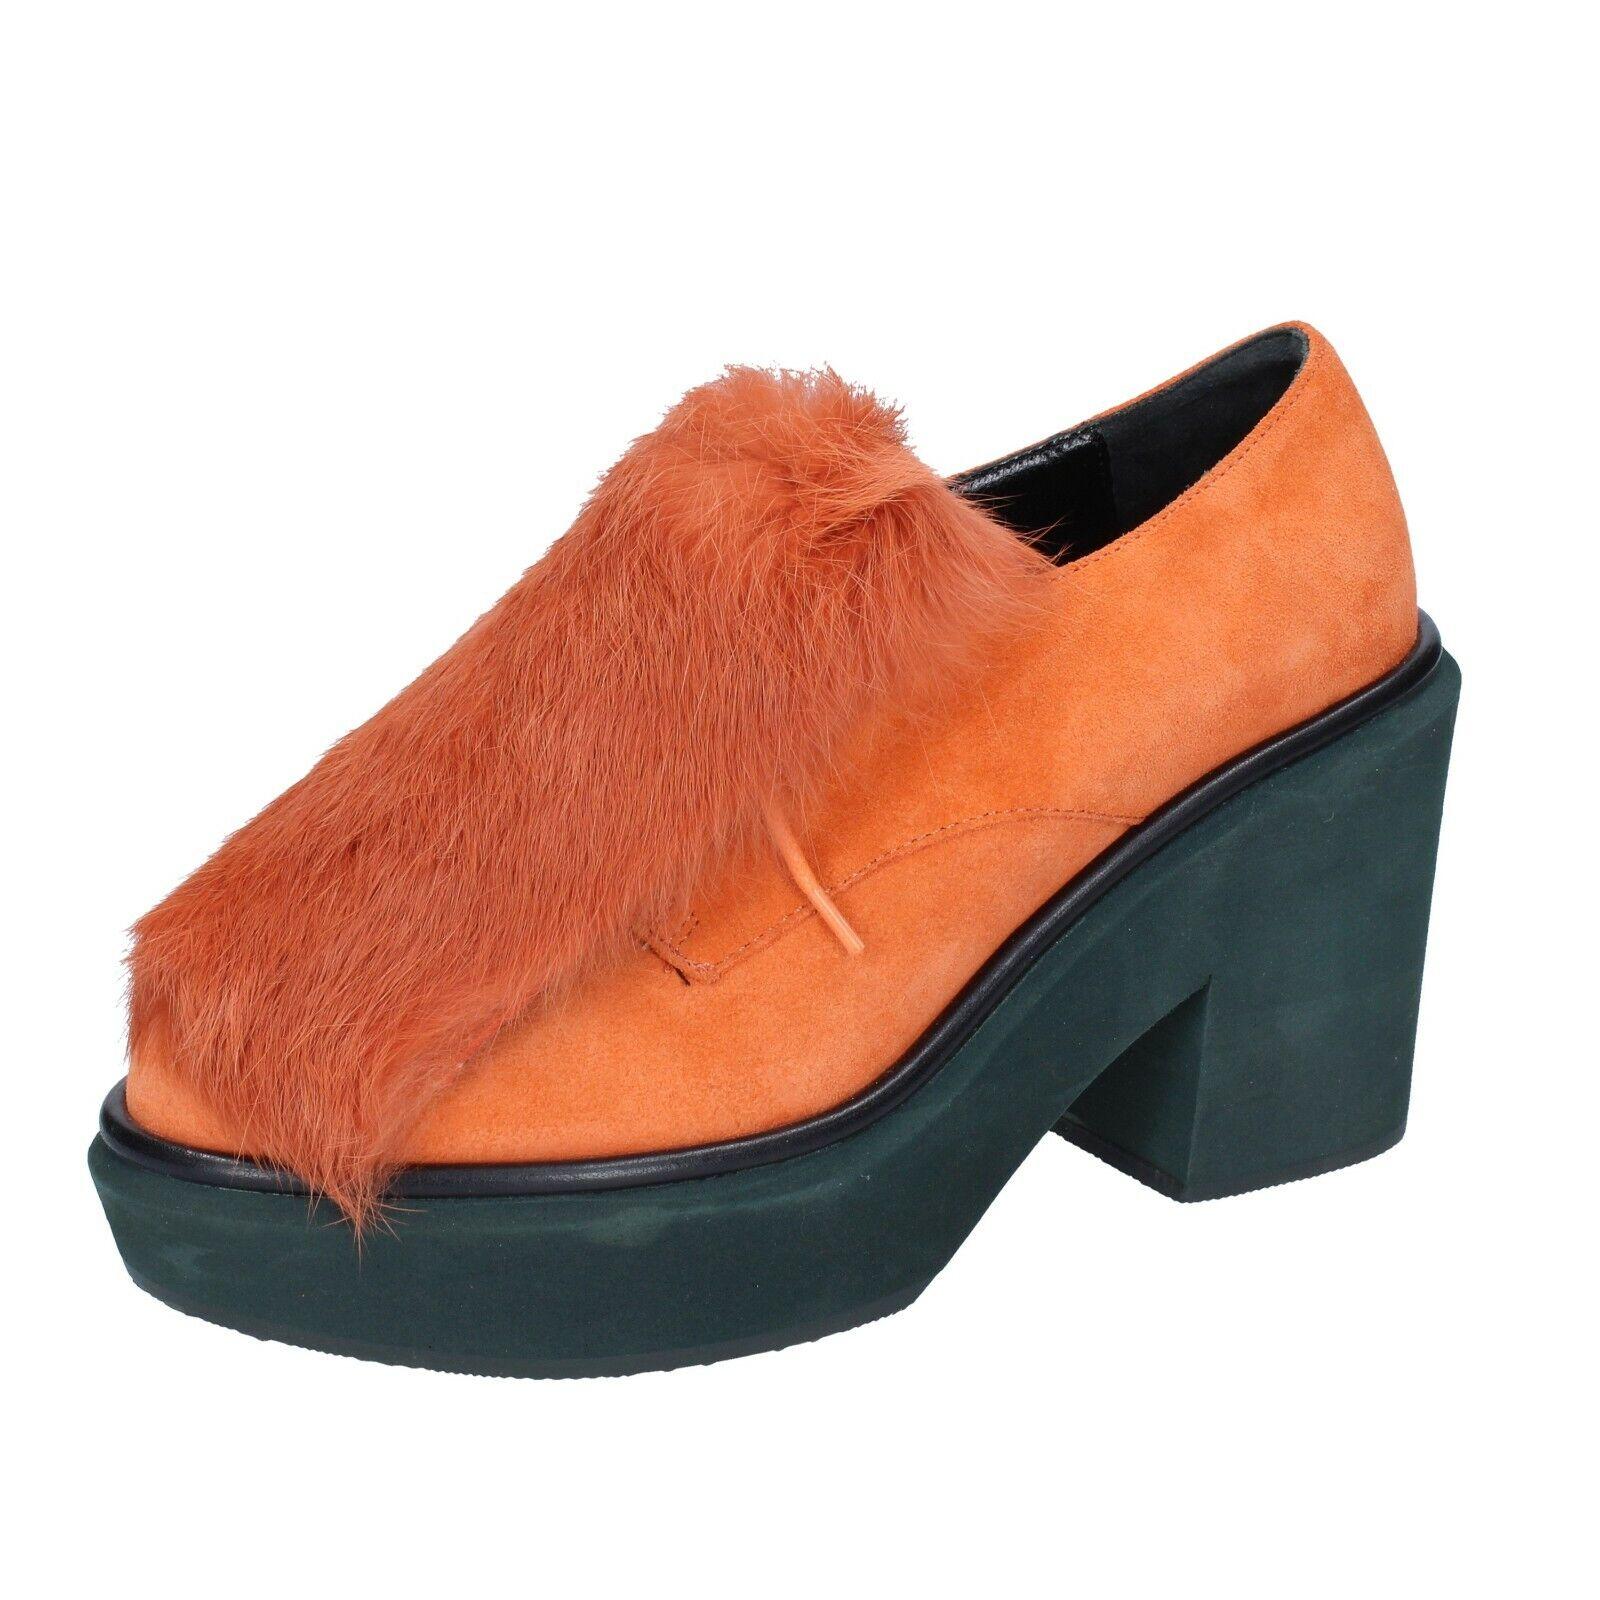 Woherren schuhe PALOMA BARCELO' 6 (EU 36) elegant Orange suede fur BS261-36